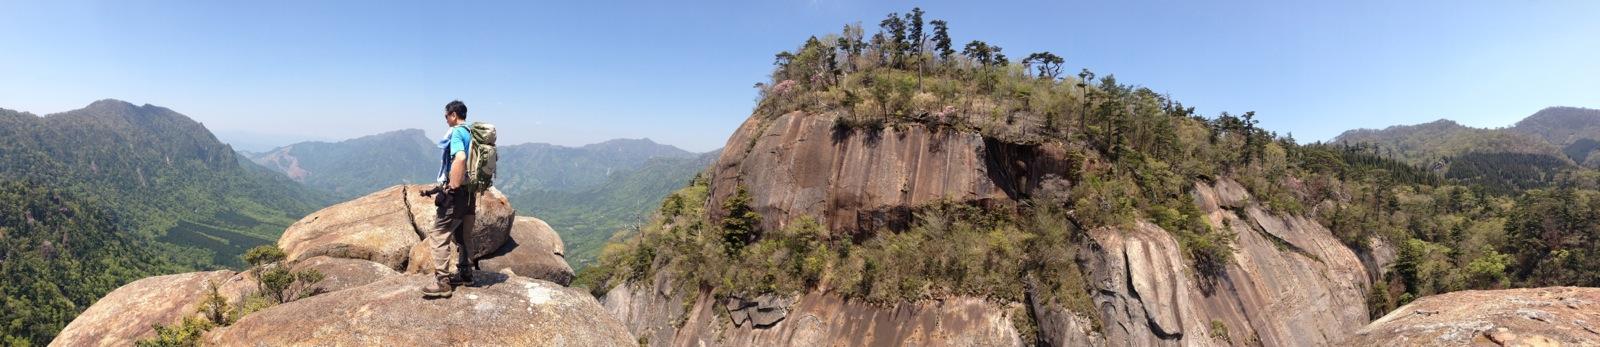 鉾岳頂上パノラマ